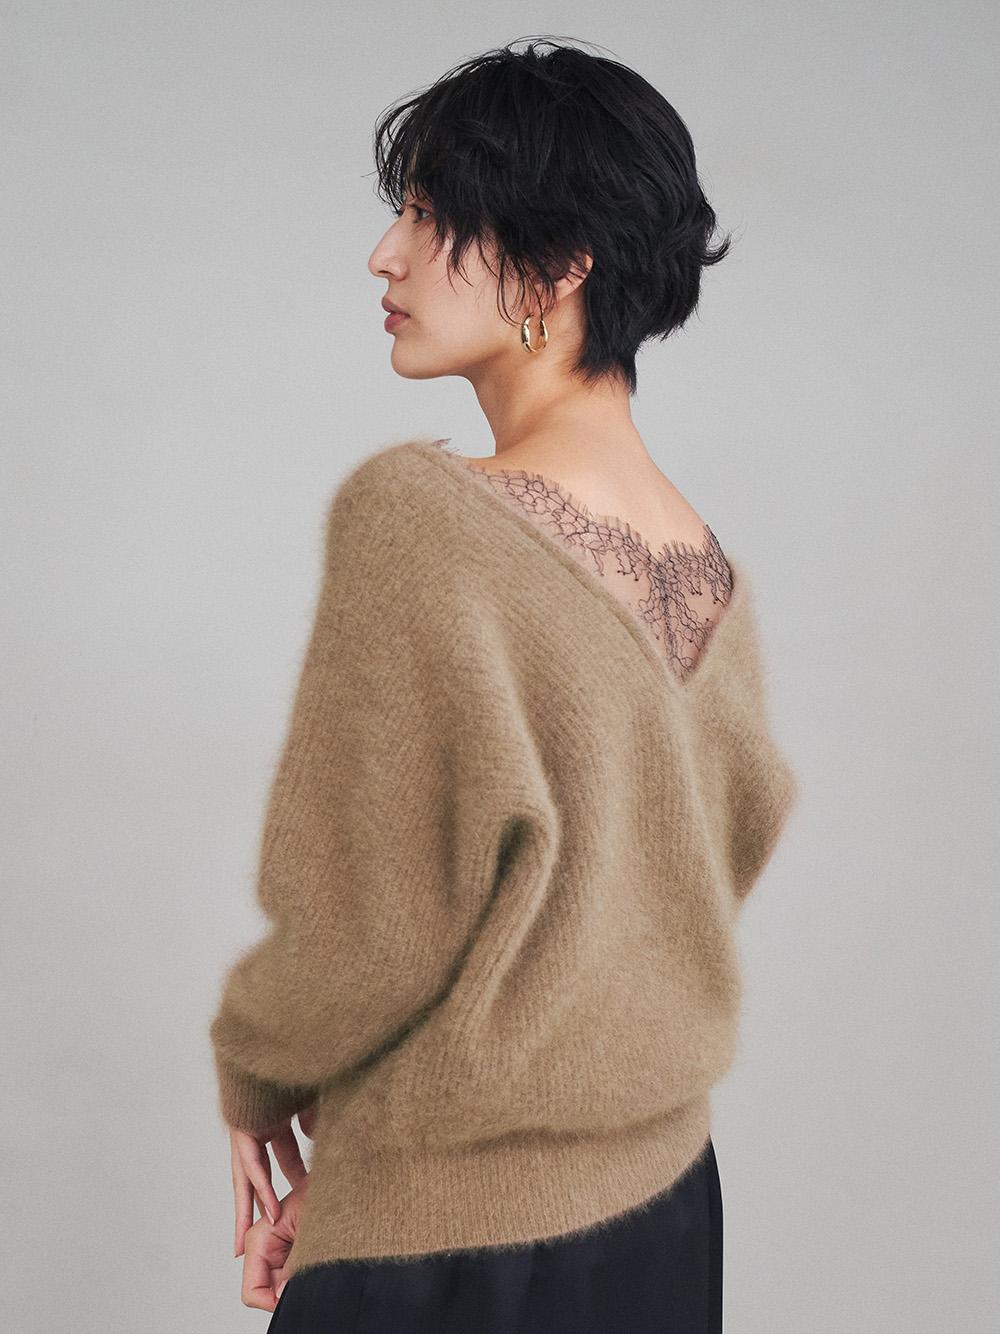 蕾絲點綴絨毛針織上衣